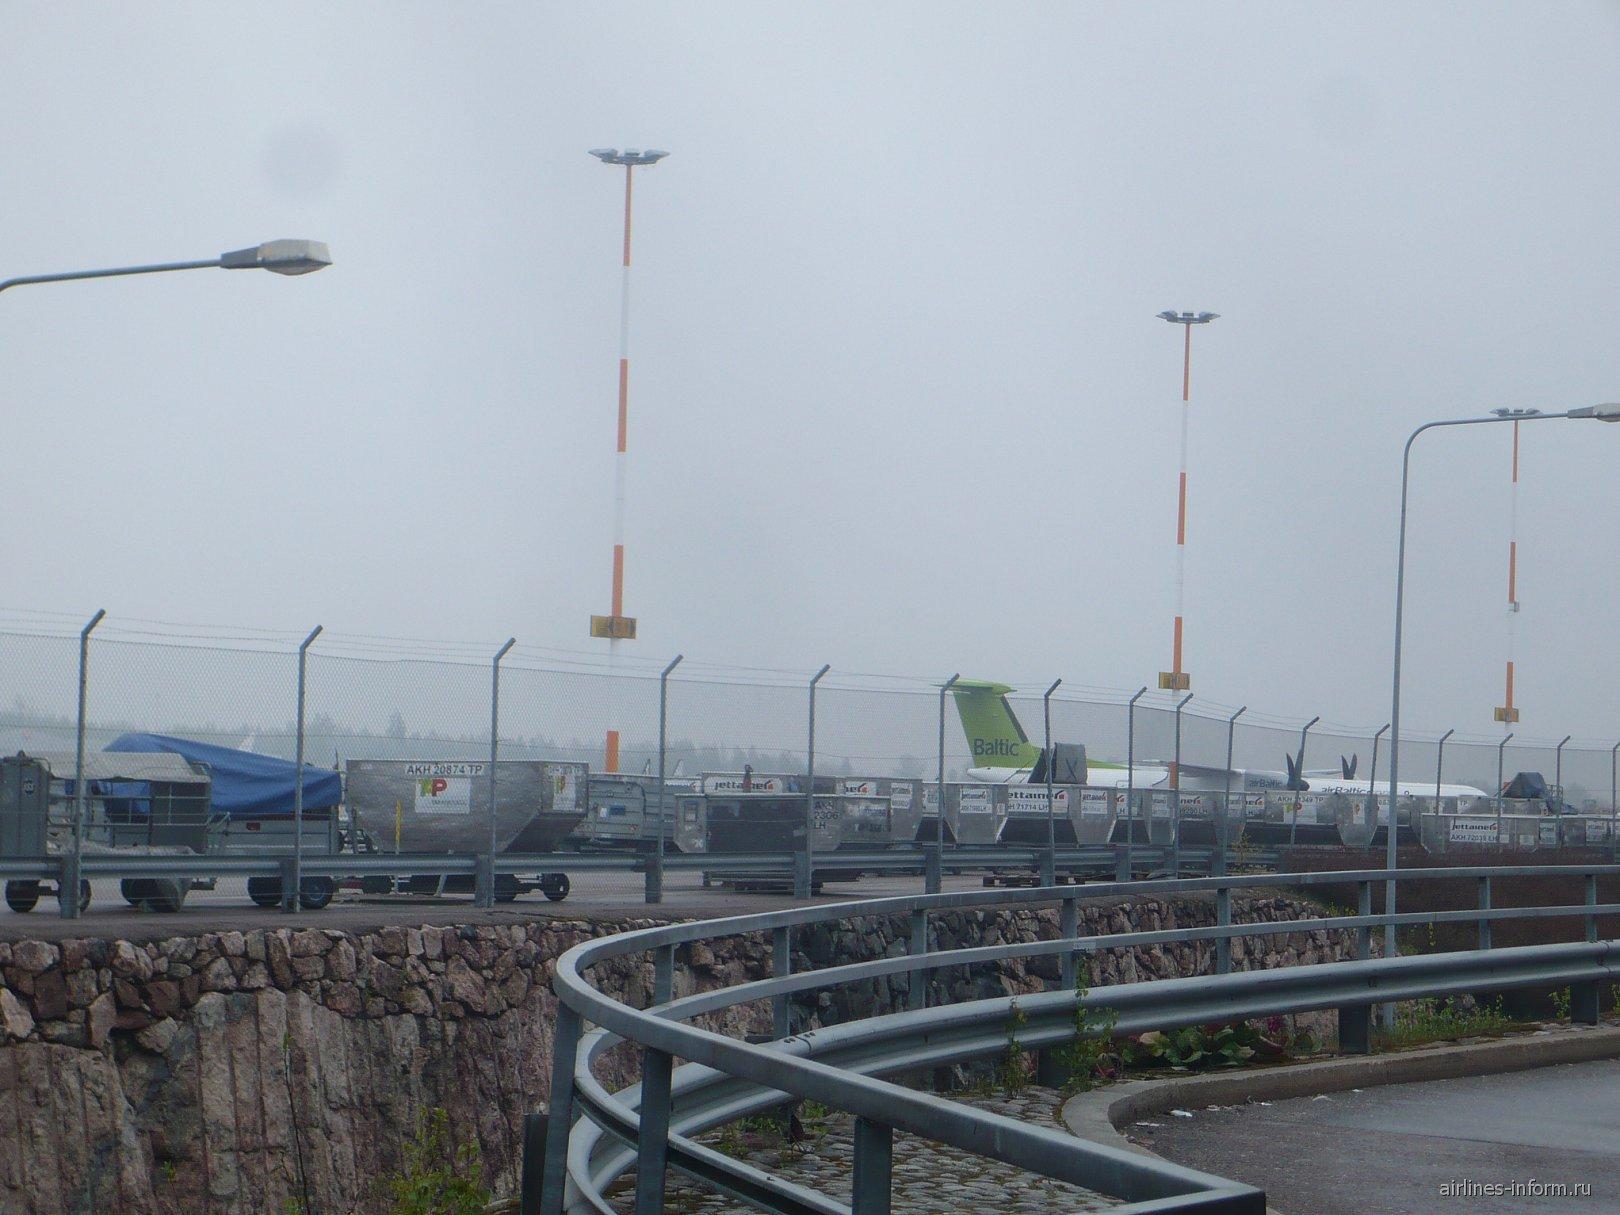 В аэропорту Хельсинки